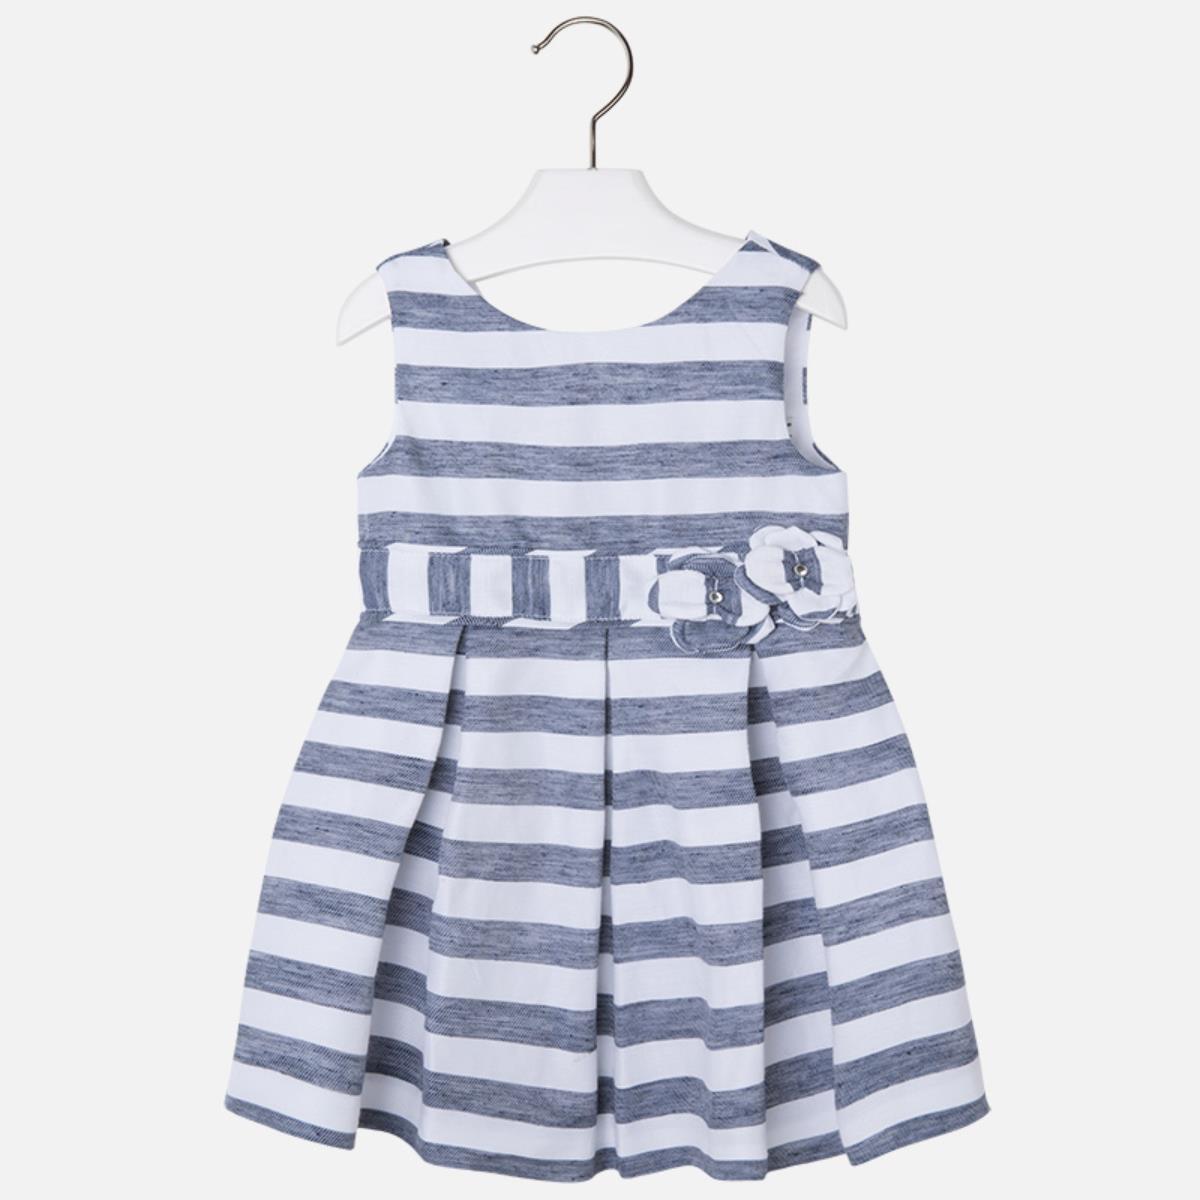 comprare sezione speciale vendita più economica Mayoral on line |Acquista Abbigliamento Mayoral Vestiti ...